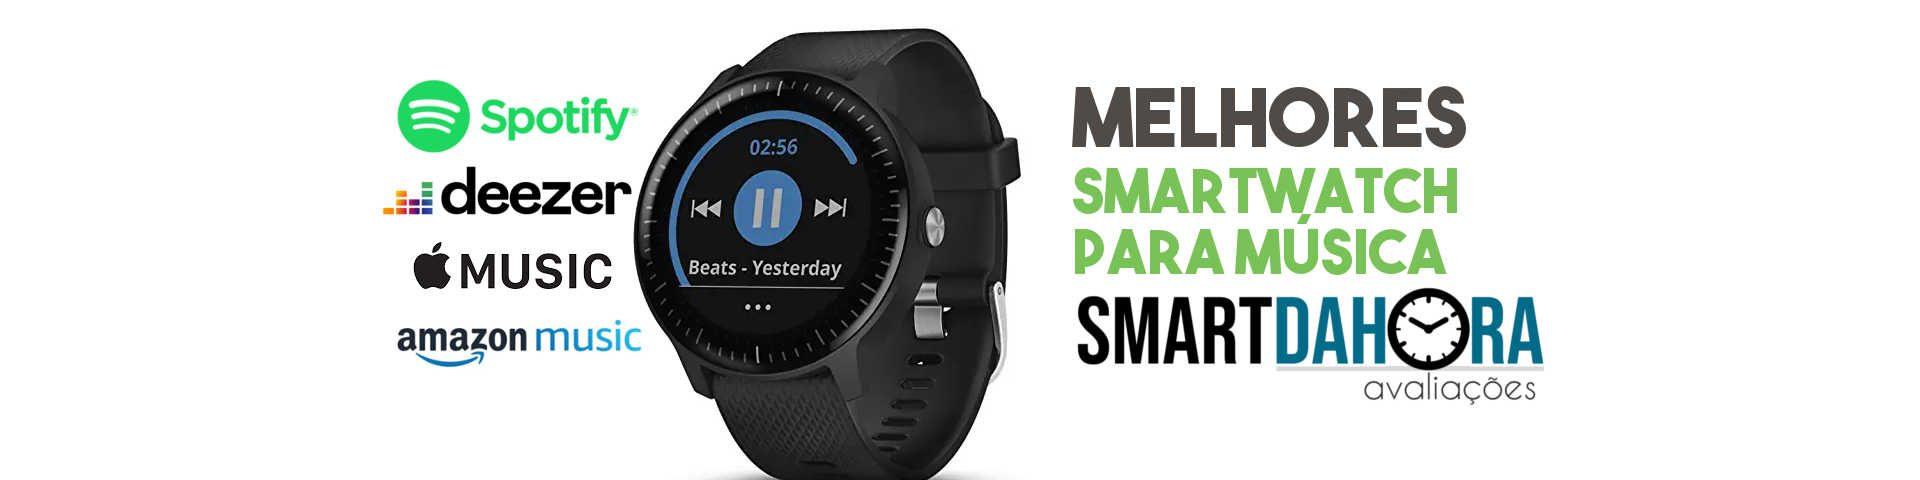 smartwatch para música melhores